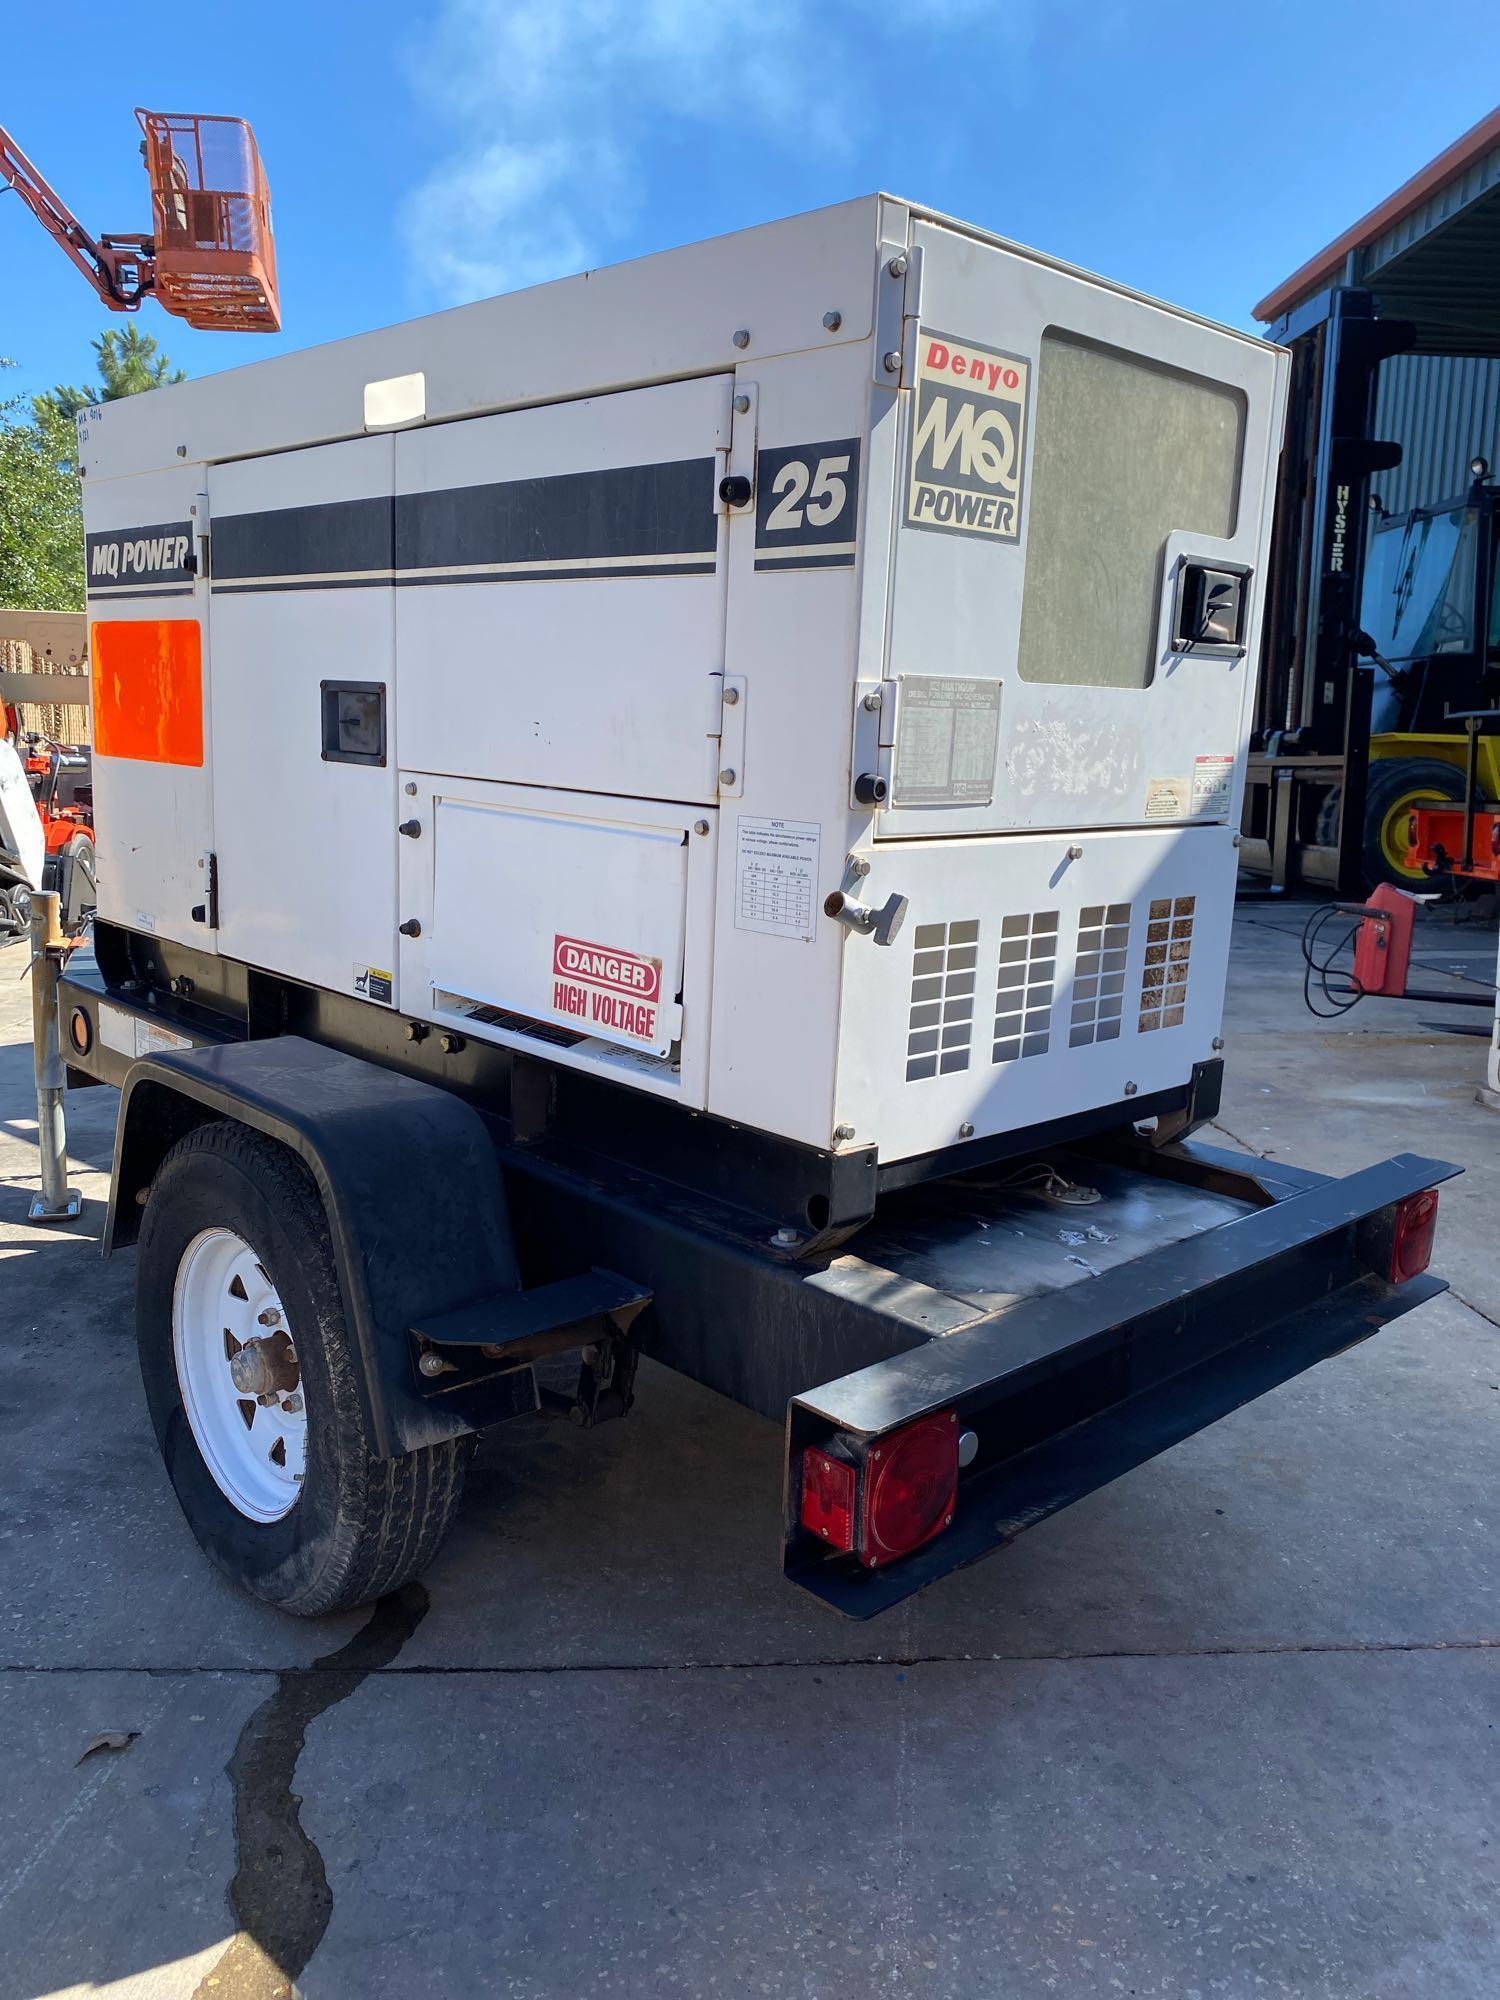 2012 WHISPERWATT MQ POWER DIESEL GENERATOR, TRAILER MOUNTED, 20KW, 25KVA, RUNS AND OPERATES - Image 4 of 10